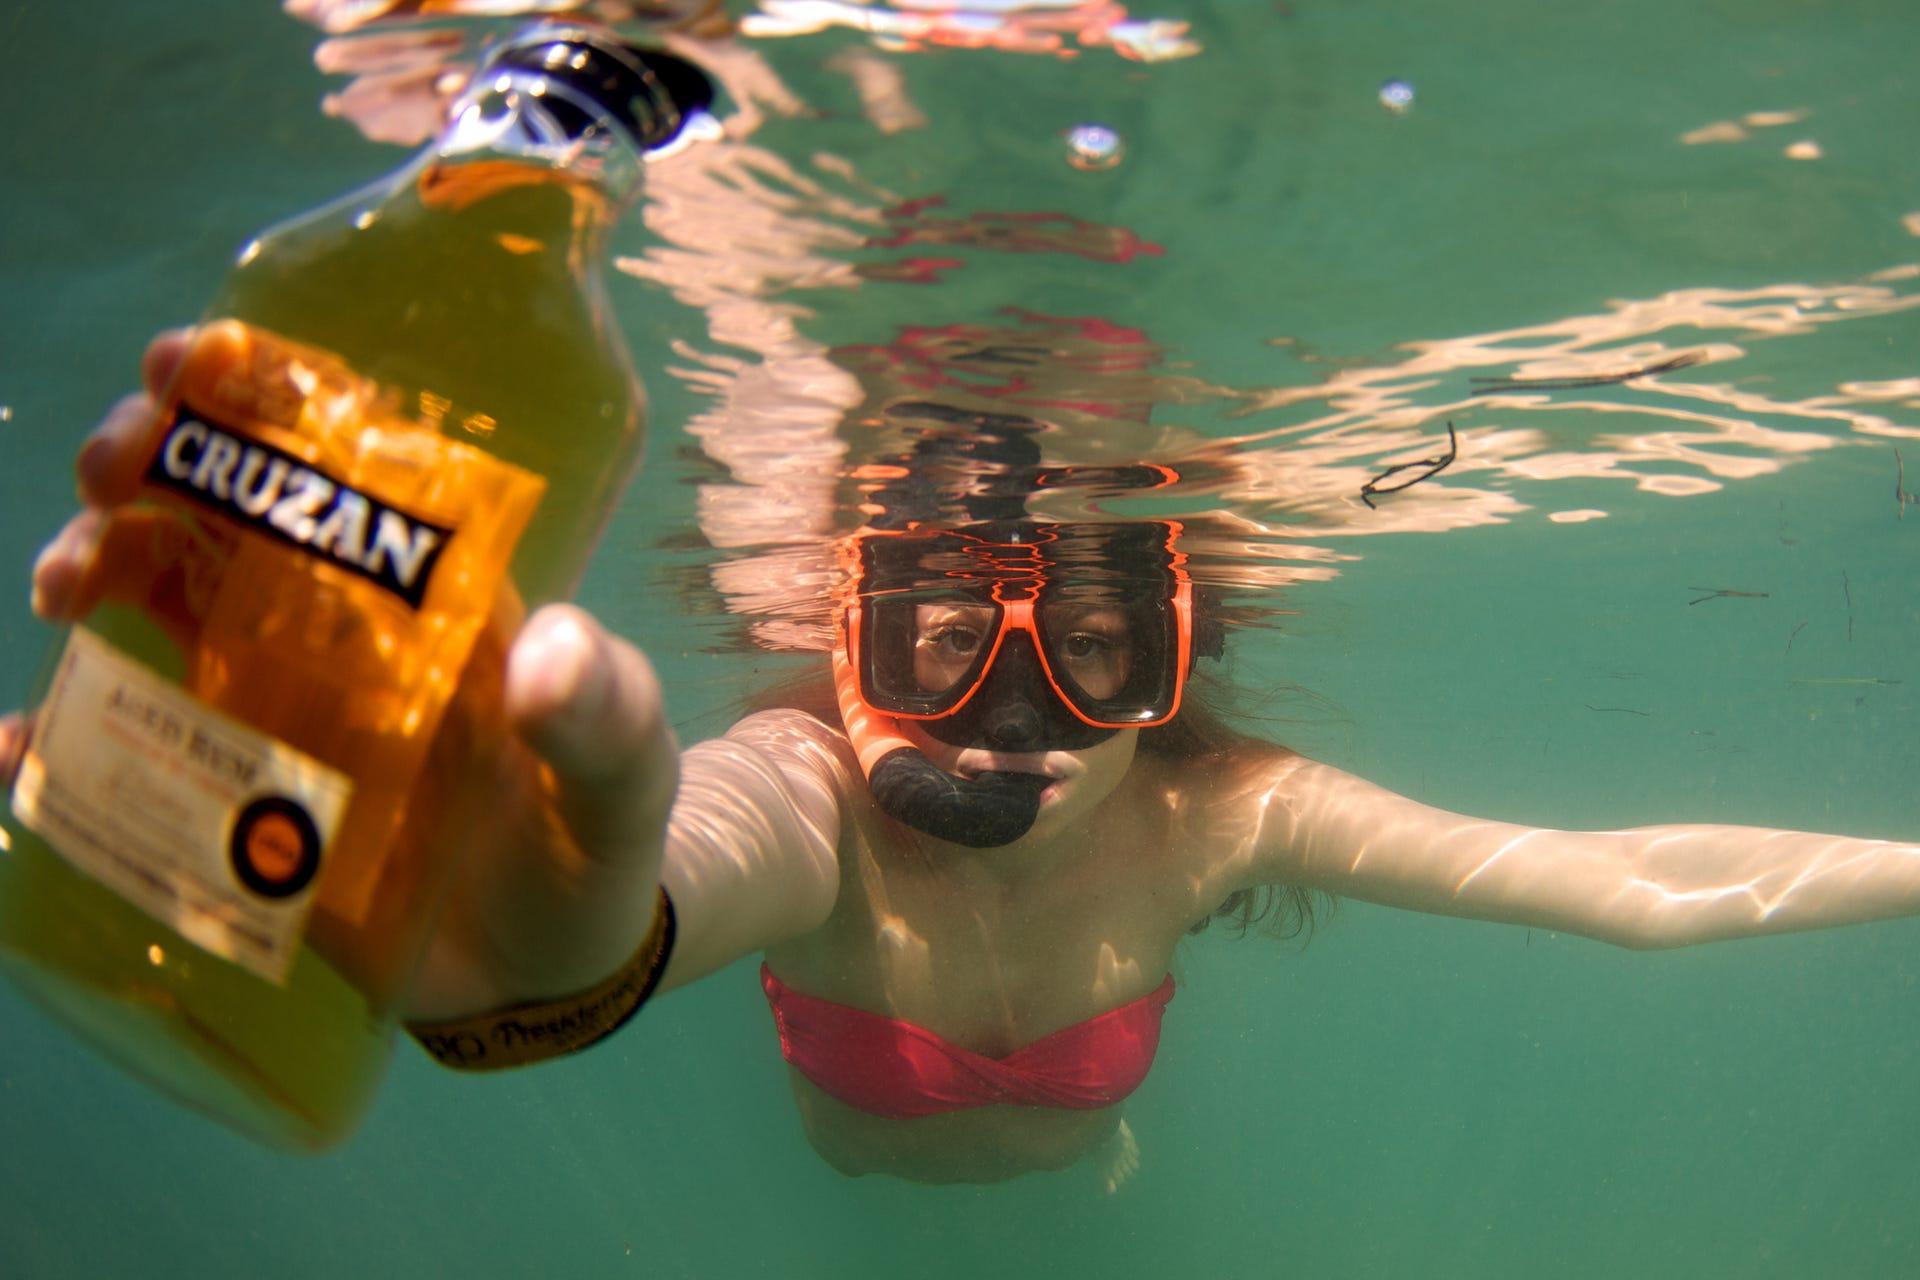 Donning snorkel gear, visitors comb the waters for hidden bottles of Cruzan Rum  distilled next door in St. Croix.